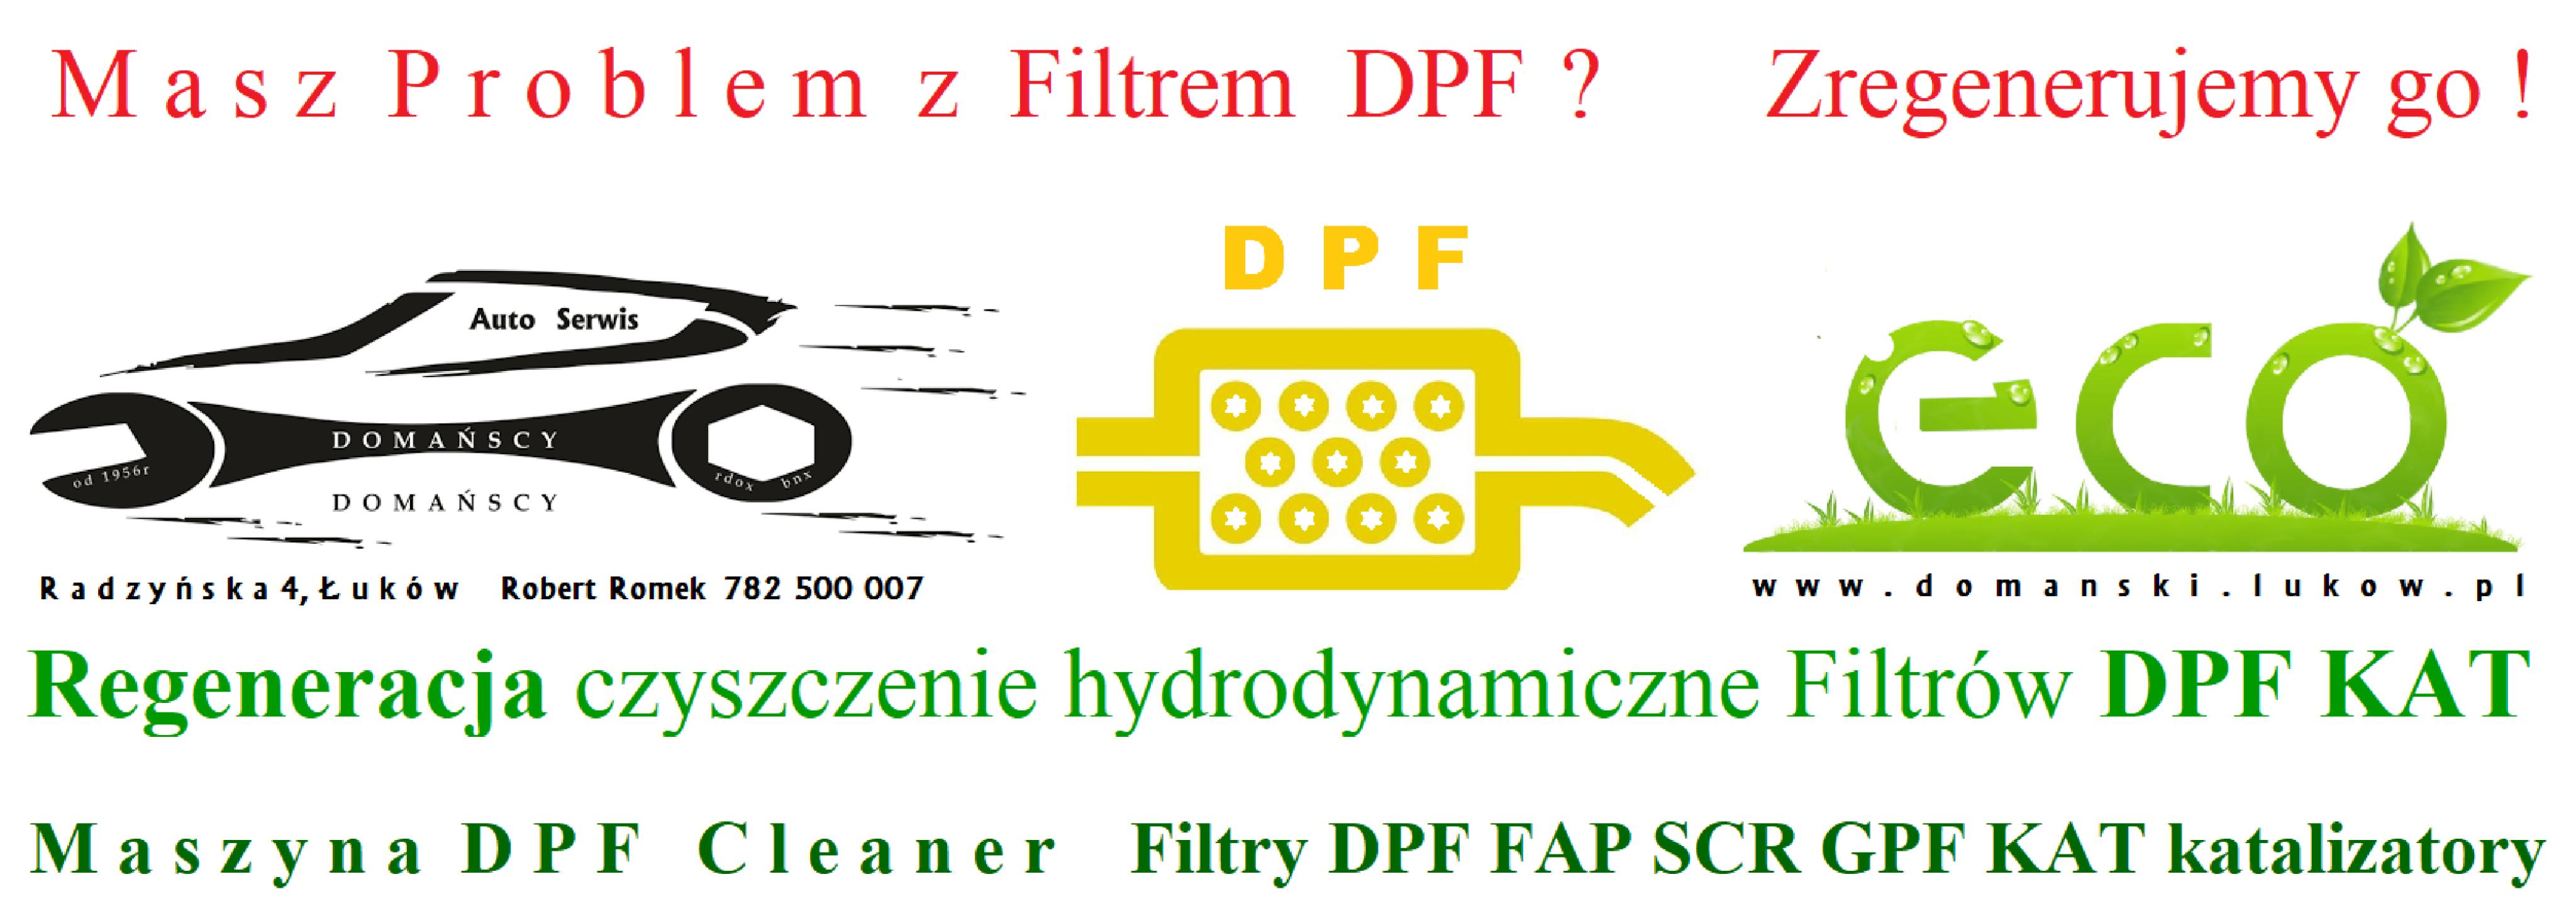 Regeneracja czyszczenie hydrodynamiczne Filtrów DPF KAT DPF Cleaner Maszyna Domański Serwis Łuków1